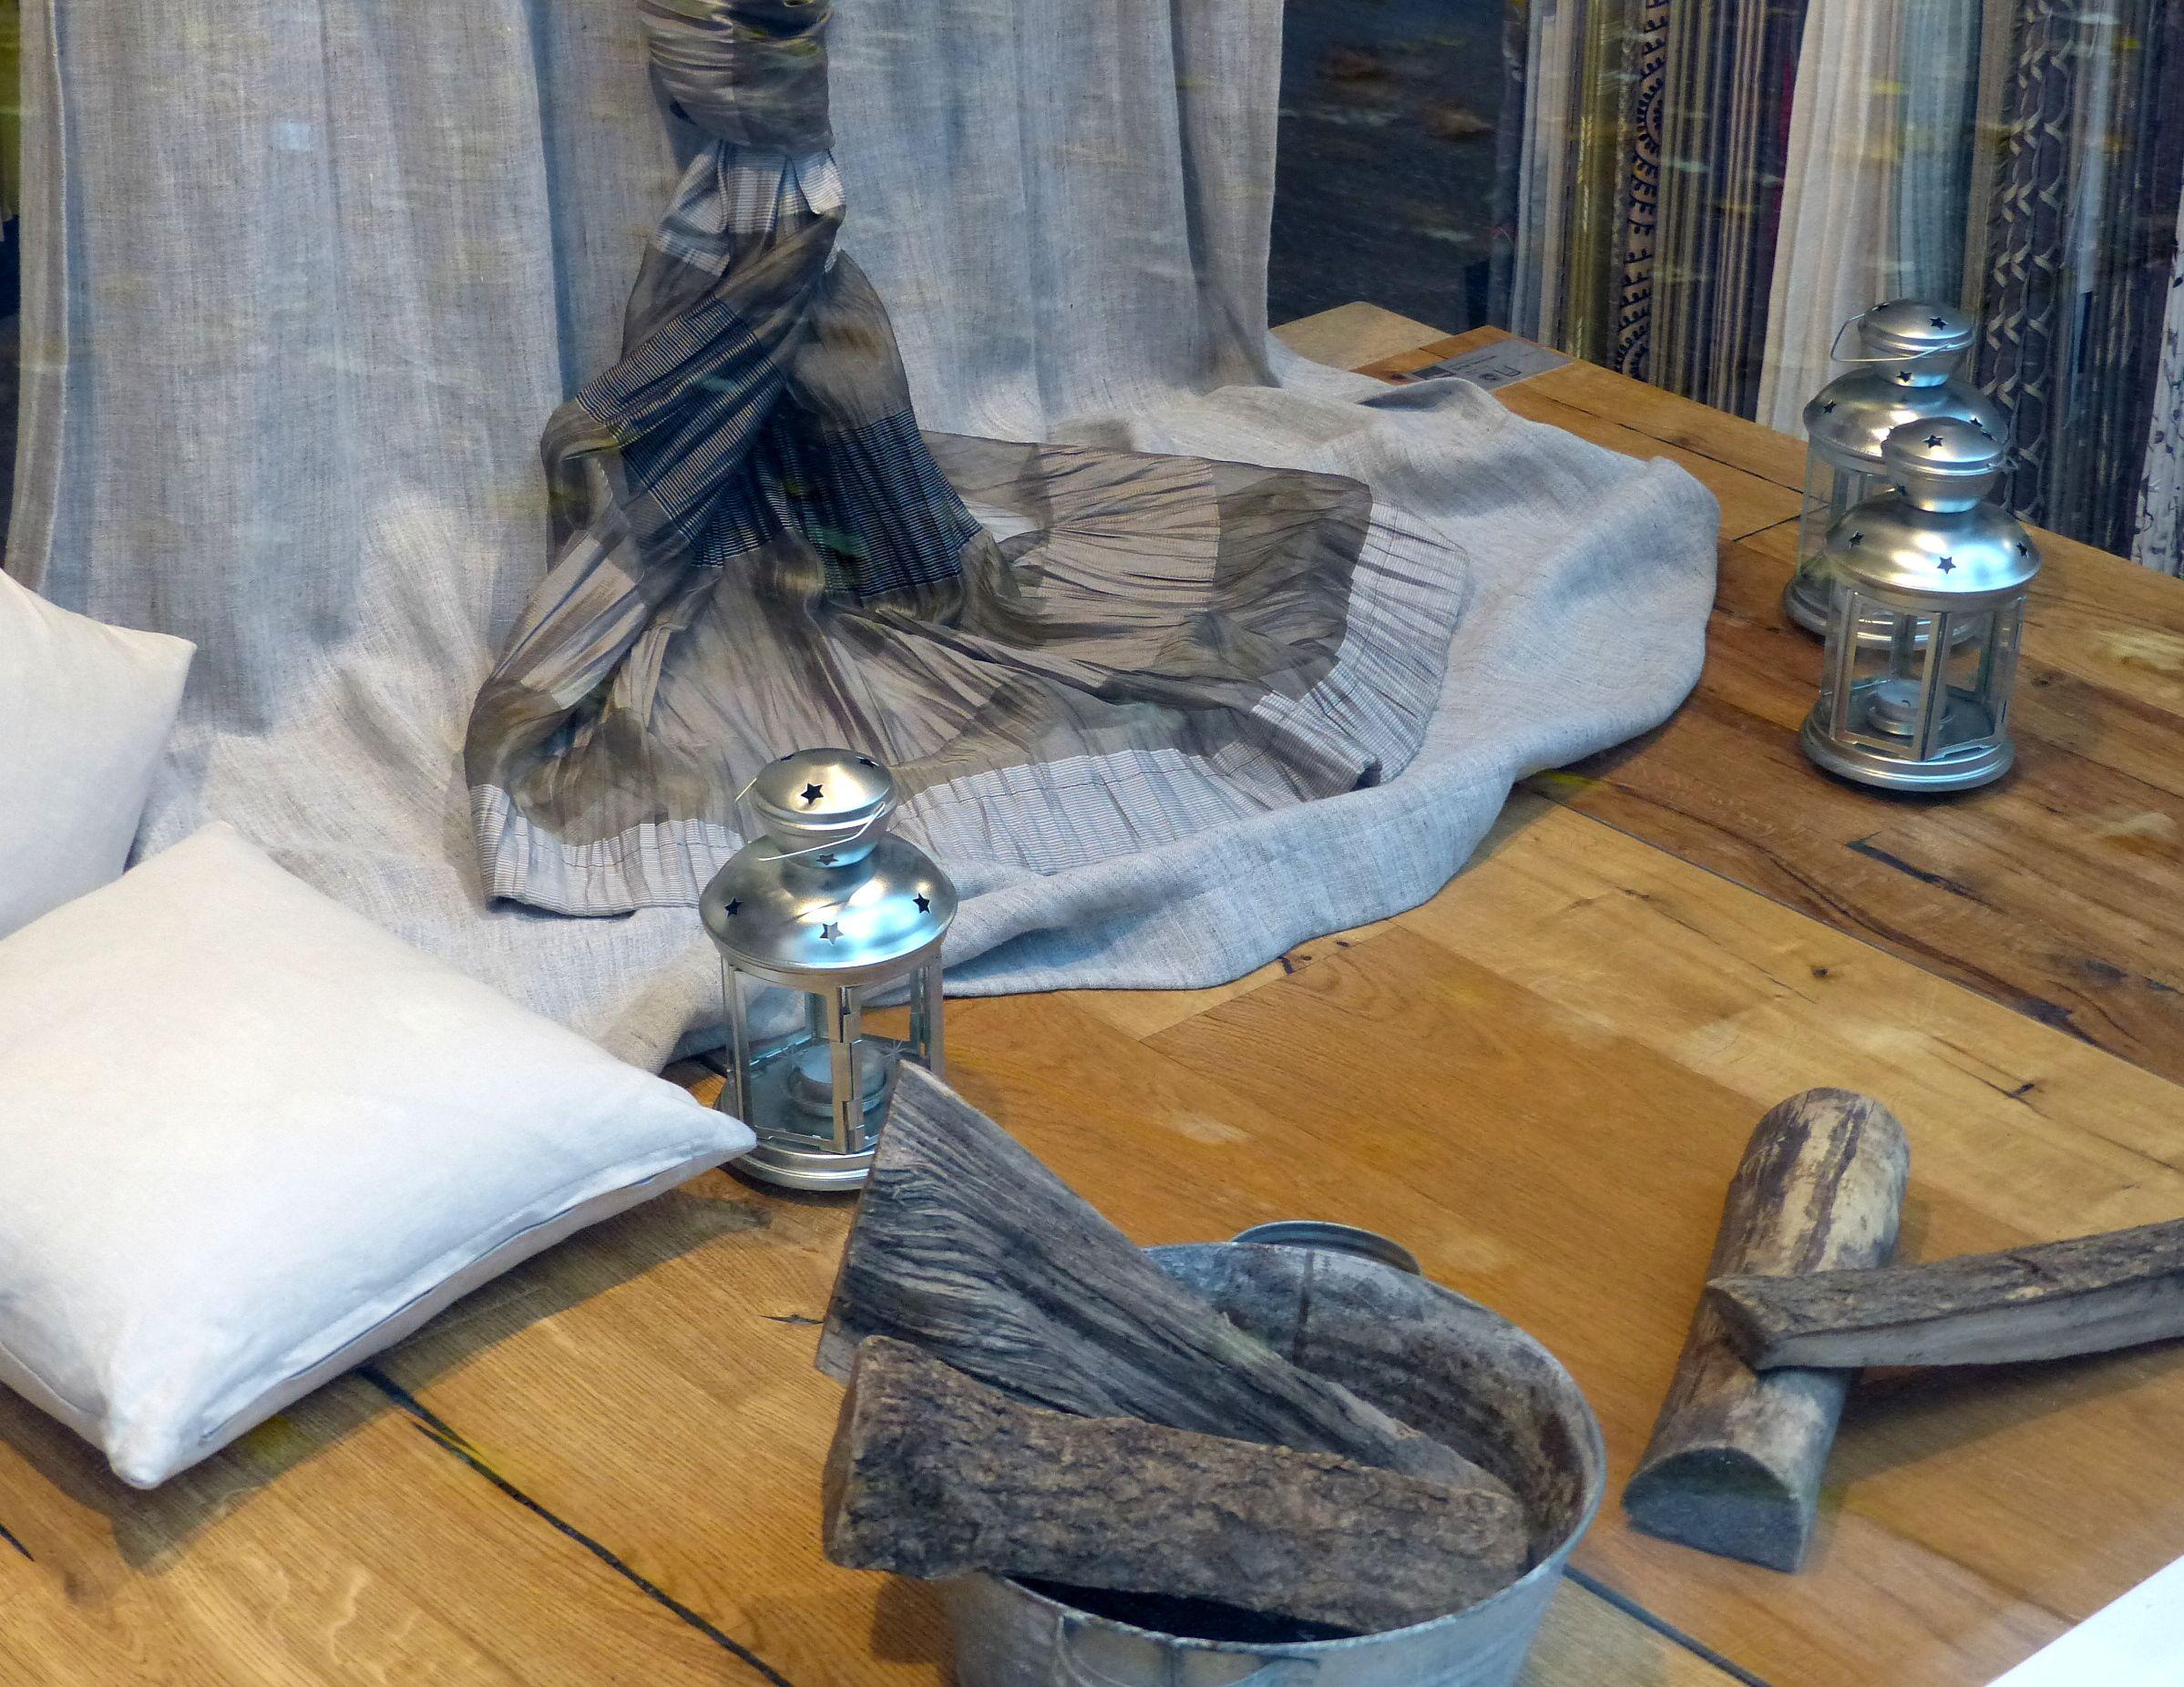 #Winter #Schaufenster Mit #Leinen Und #Baumwolle #Stoffe #Dekostoff # Dekoration